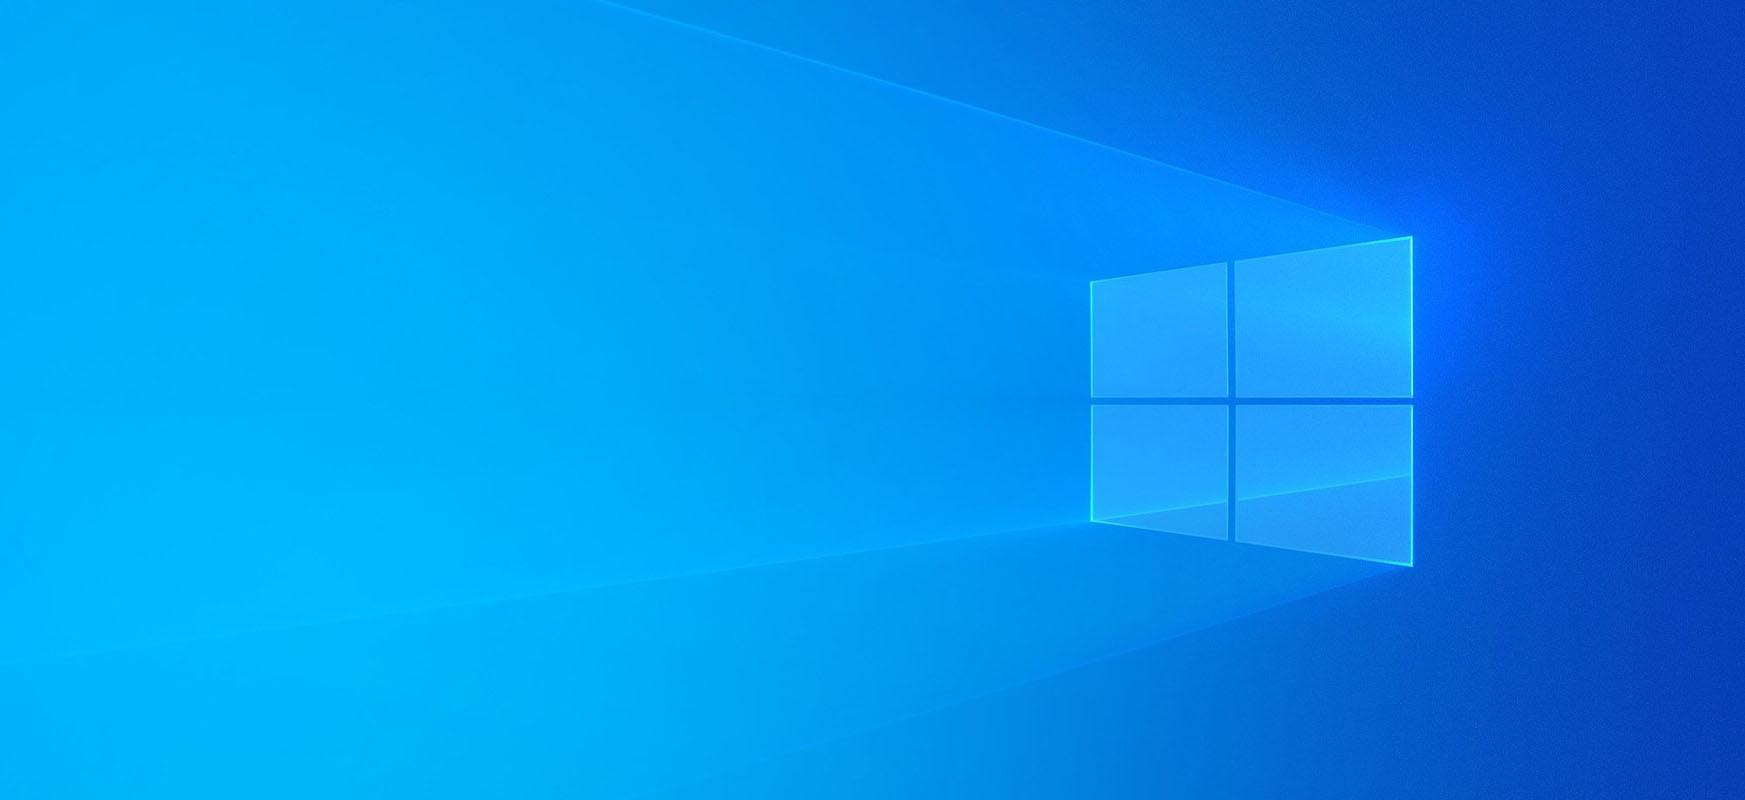 Windows 10 zuhurrak izango dira gidariak eguneratzeari dagokionez.  Egonkortasunaren errendimendua